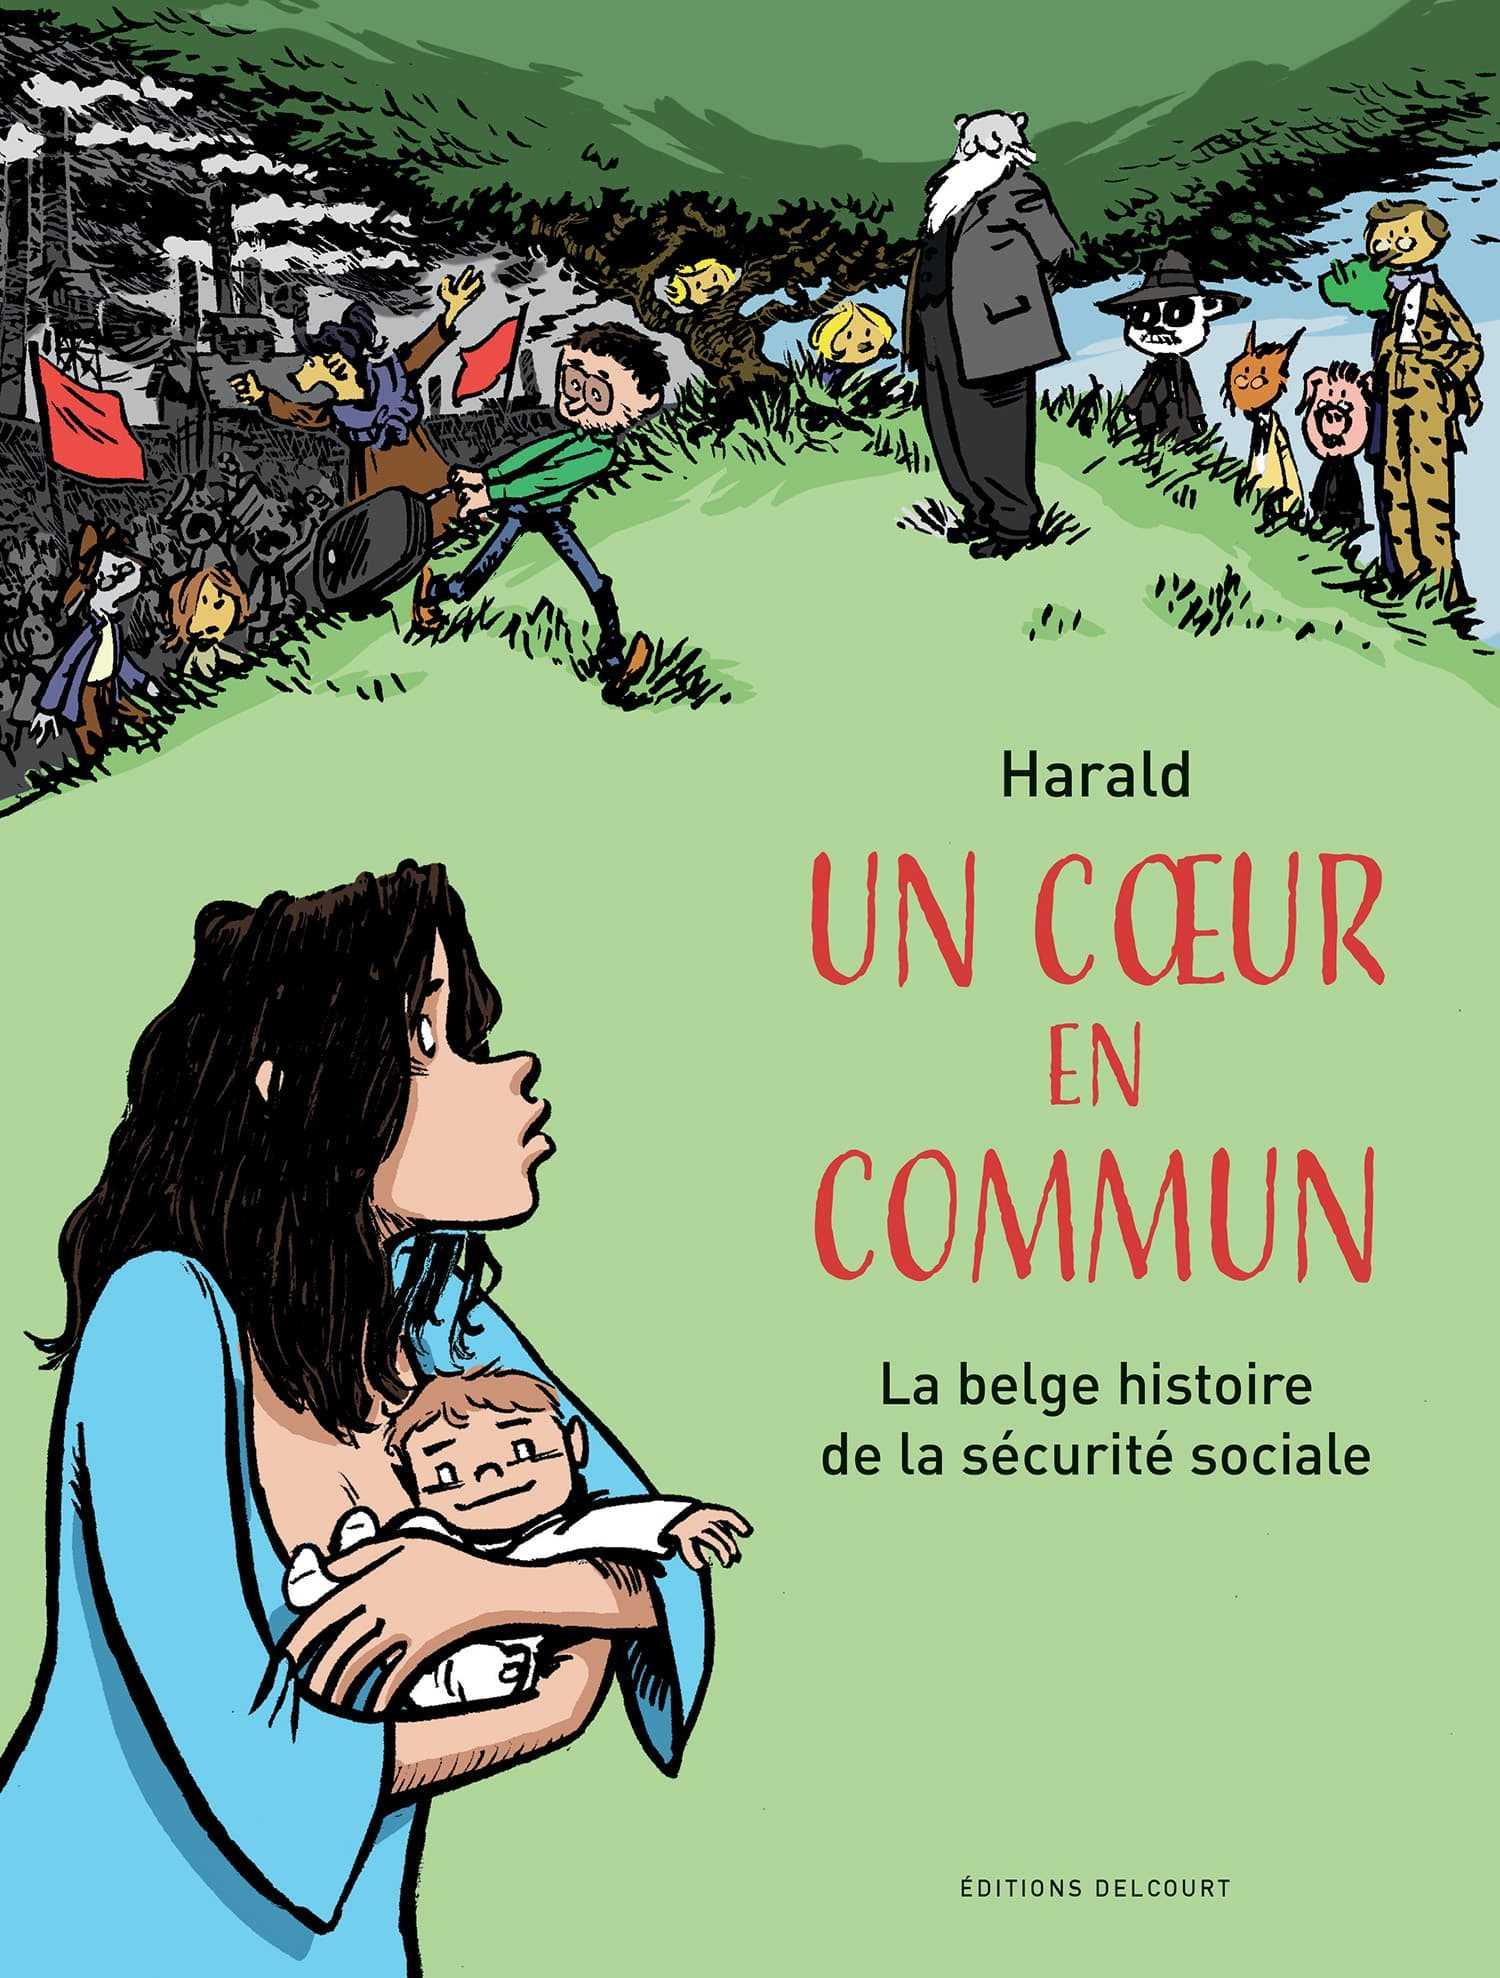 Un Cœur en commun, une belle histoire belge